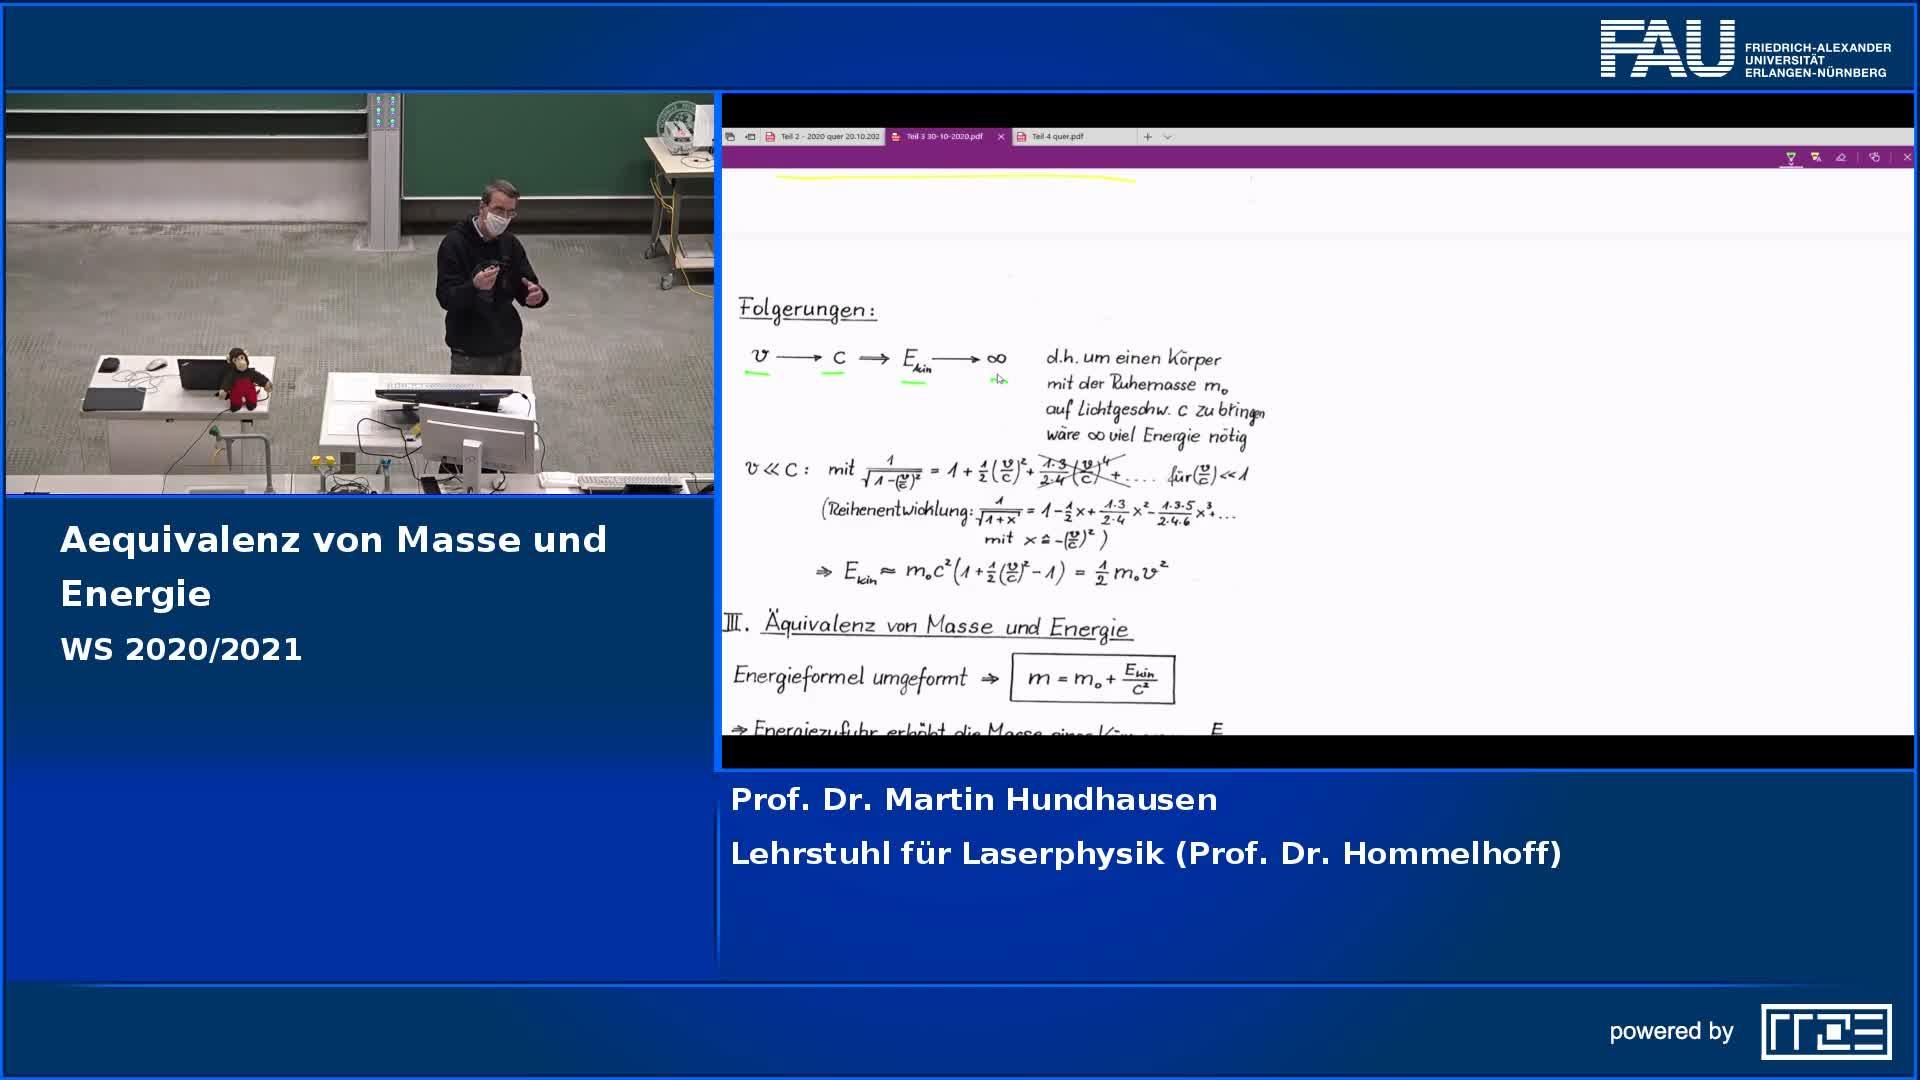 Äquivalenz von Masse und Energie preview image